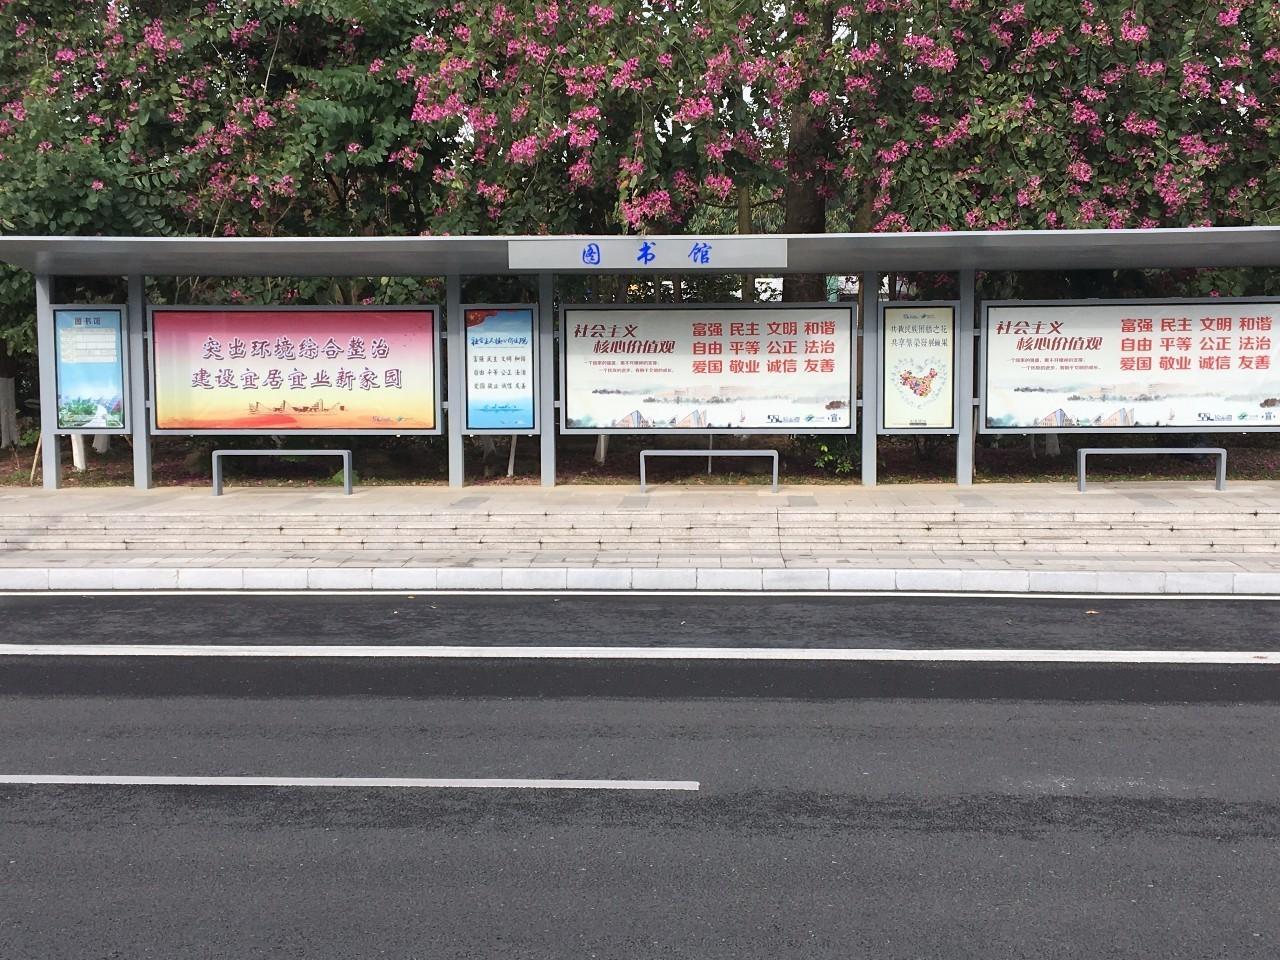 松山湖公共交通6大亮点看这里,APP租车so easy